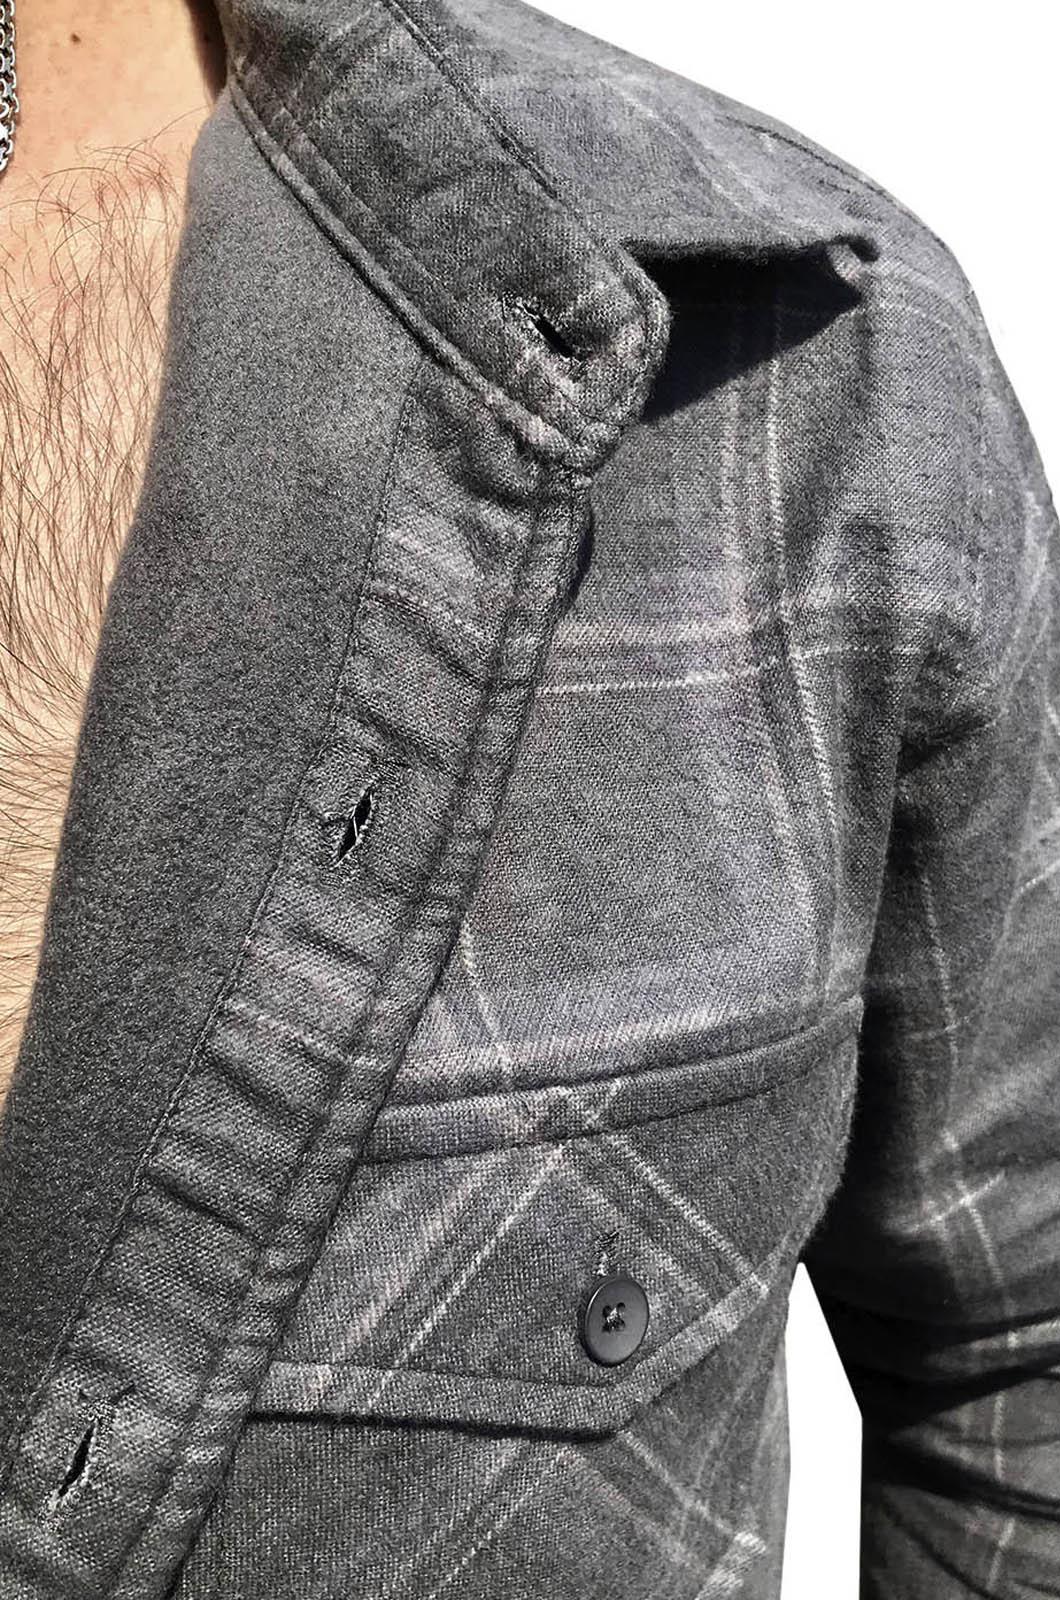 Удобная мужская рубашка с эмблемой Подводных сил России купить в розницу